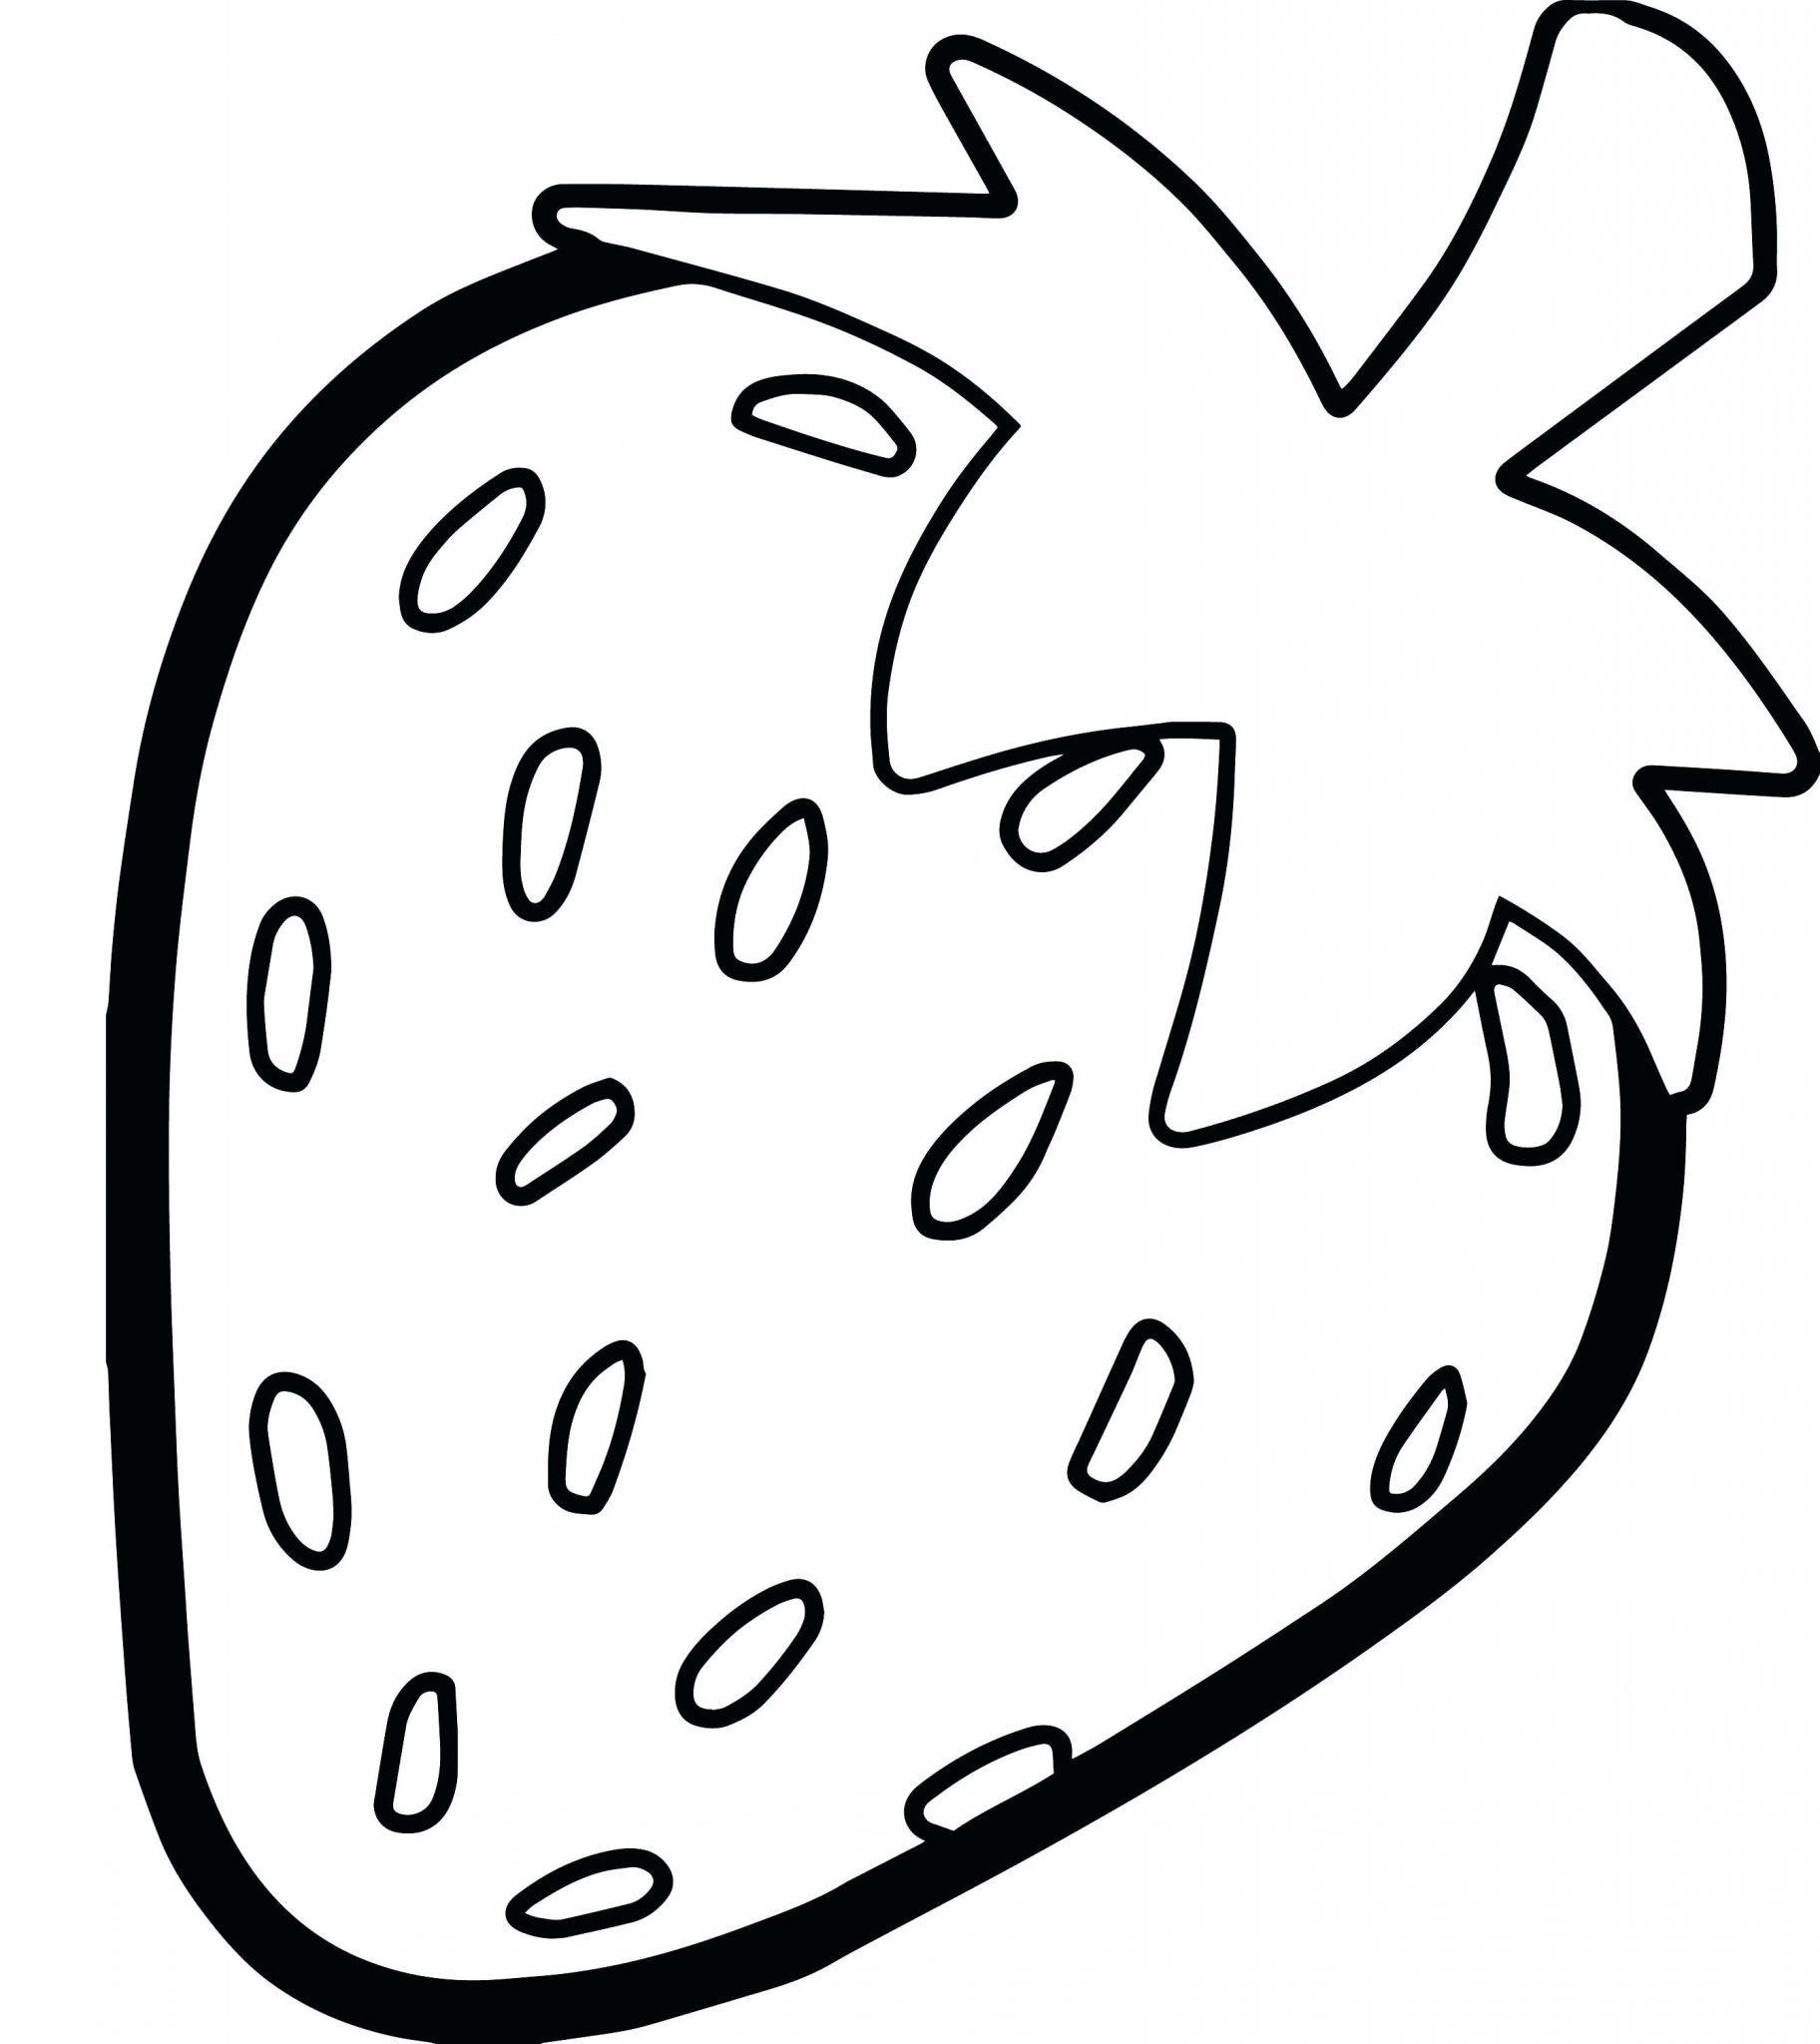 Kumpulan Gambar Mewarnai Buah Strawberry Anak Tk Marimewarnaicom